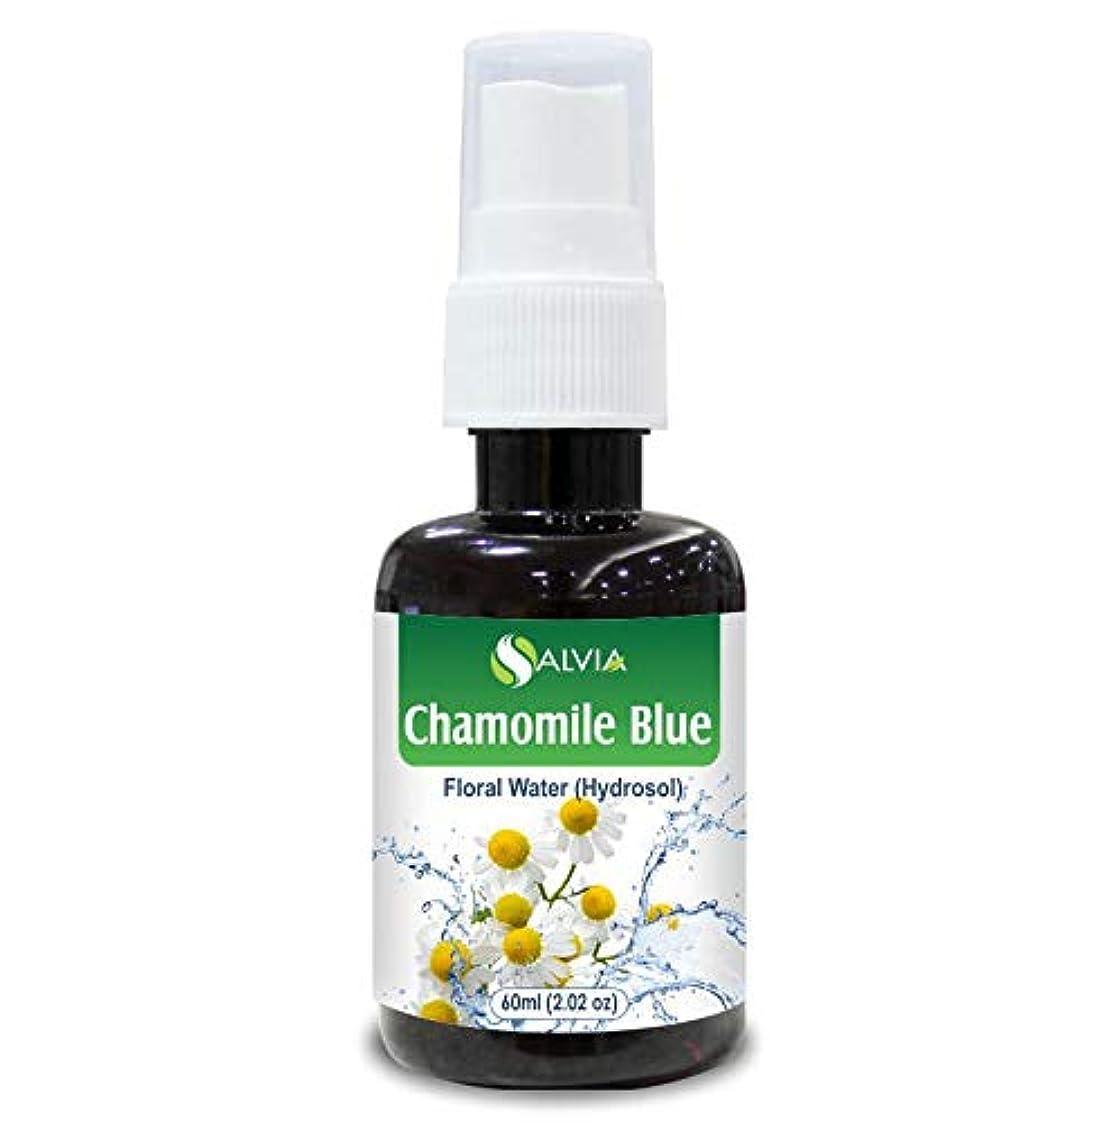 木材マウス精巧なChamomile Oil, Blue Floral Water 60ml (Hydrosol) 100% Pure And Natural